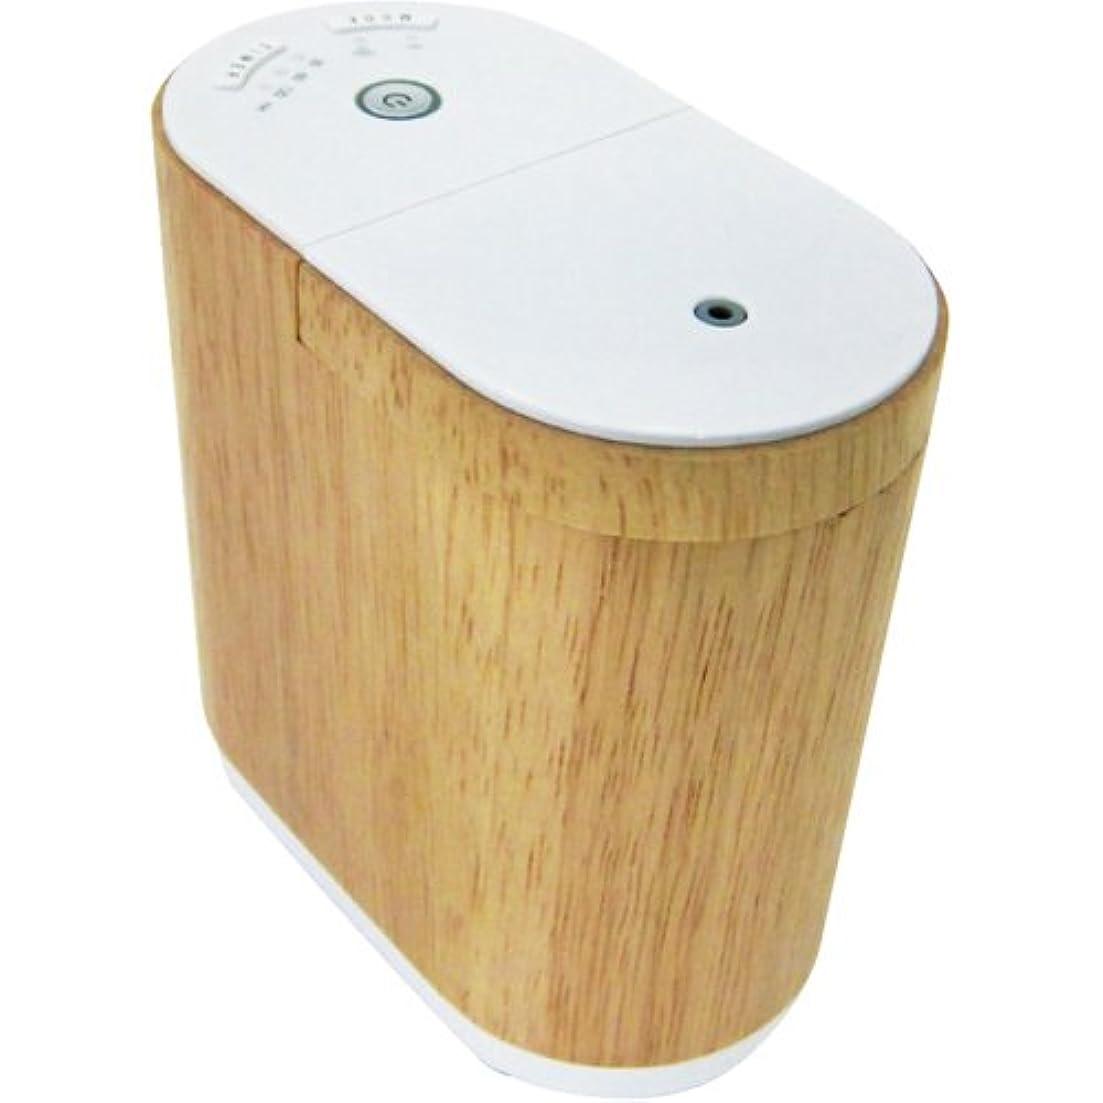 アサートしたがって詩人生活の木 アロマディフューザー(ウッド)エッセンシャルオイルディフューザー aromore(アロモア) 08-801-6010